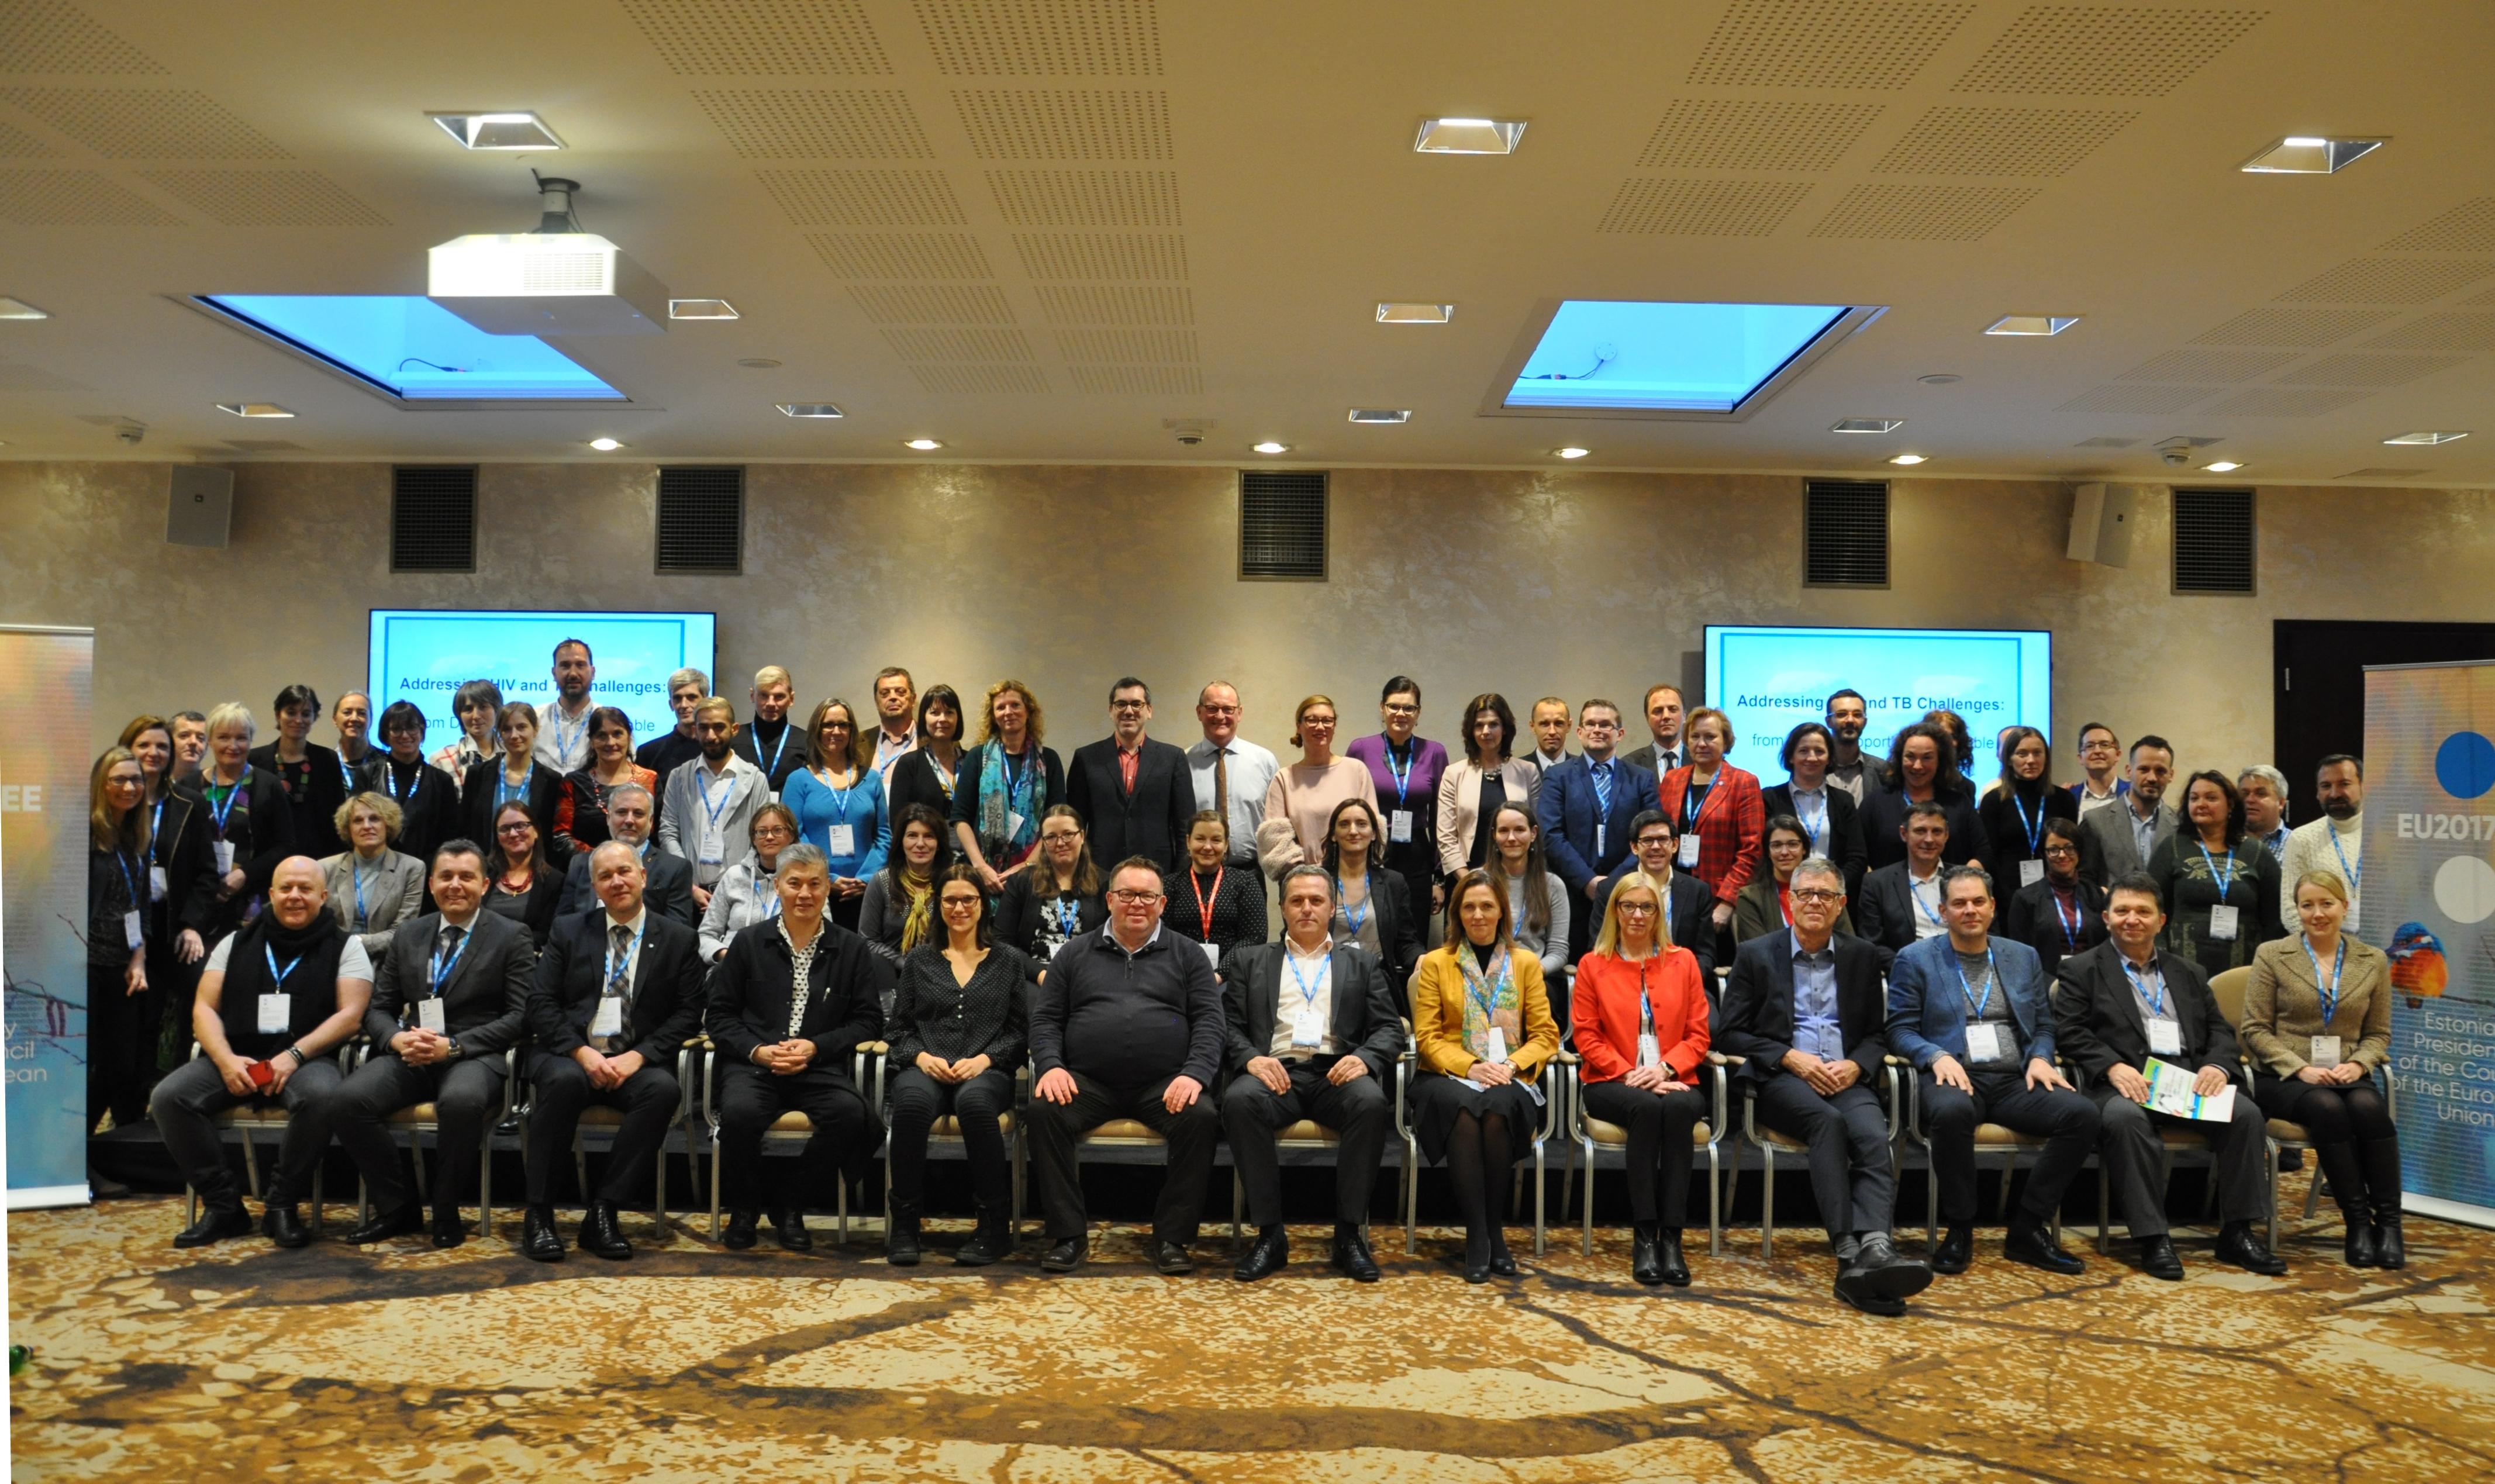 международная встреча, посвященная финансированию программ и услуг по борьбе с распространением ВИЧ и туберкулеза.